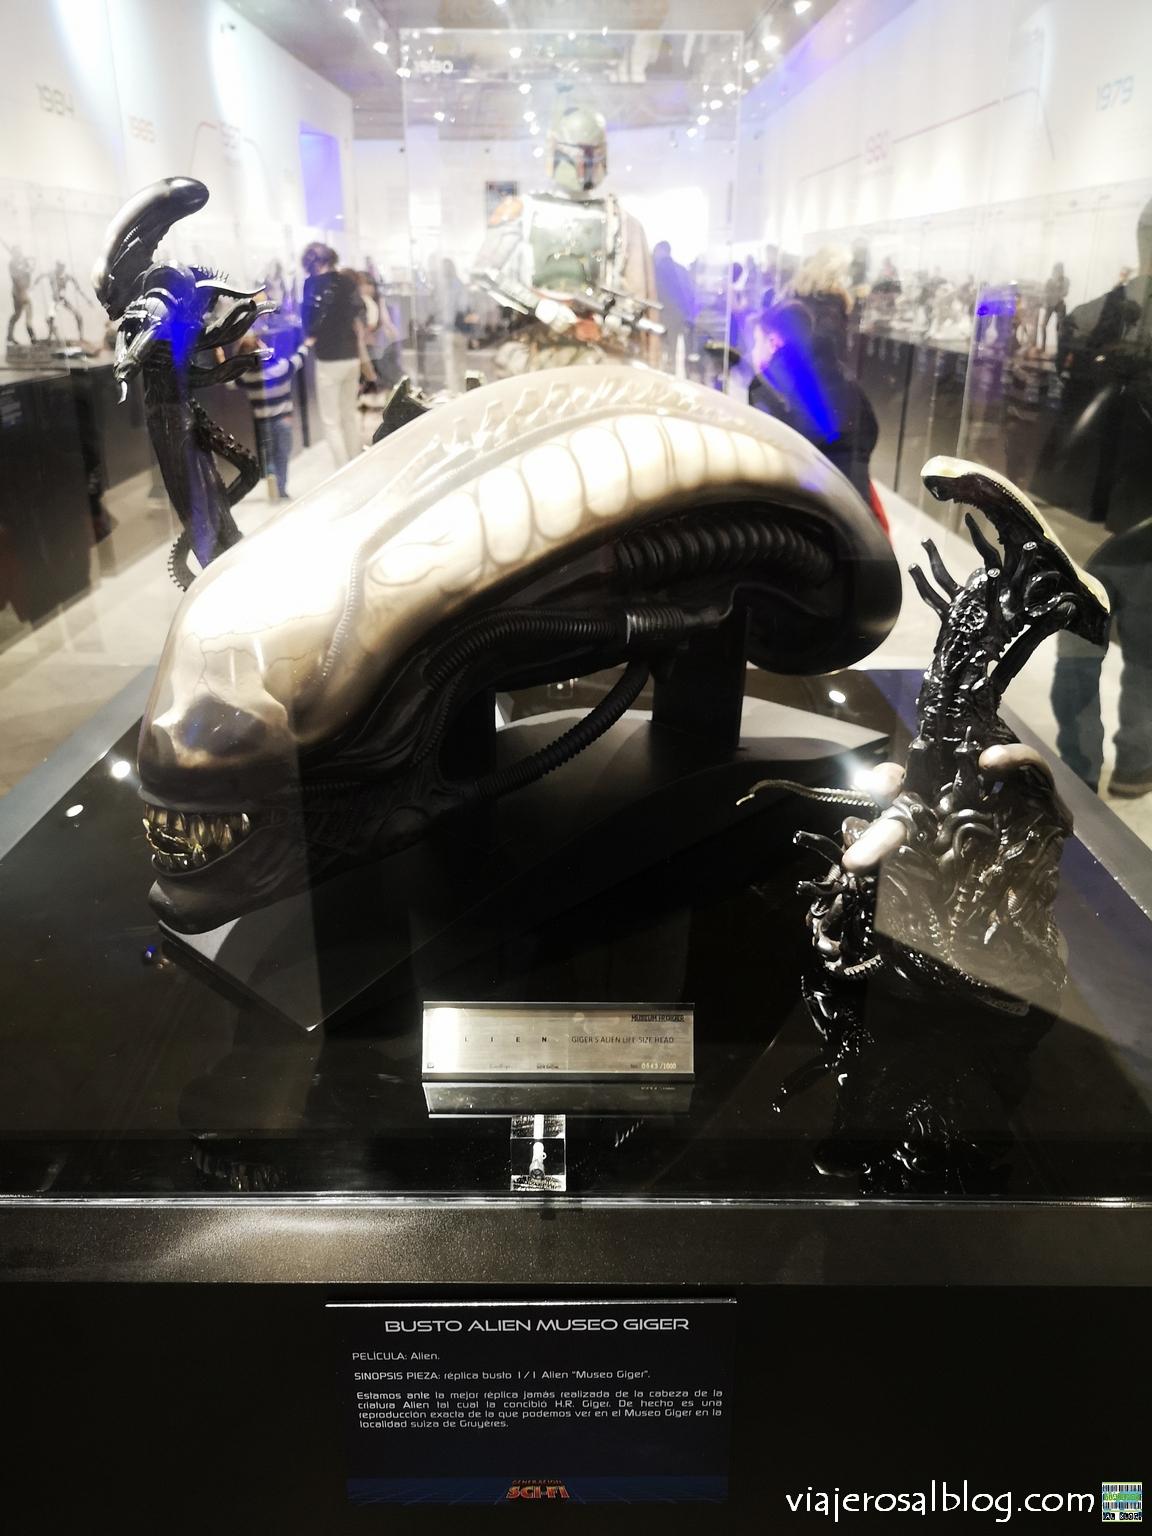 Exposición Generación Sci-Fi. Centro Comercial Moda Shopping, Madrid.